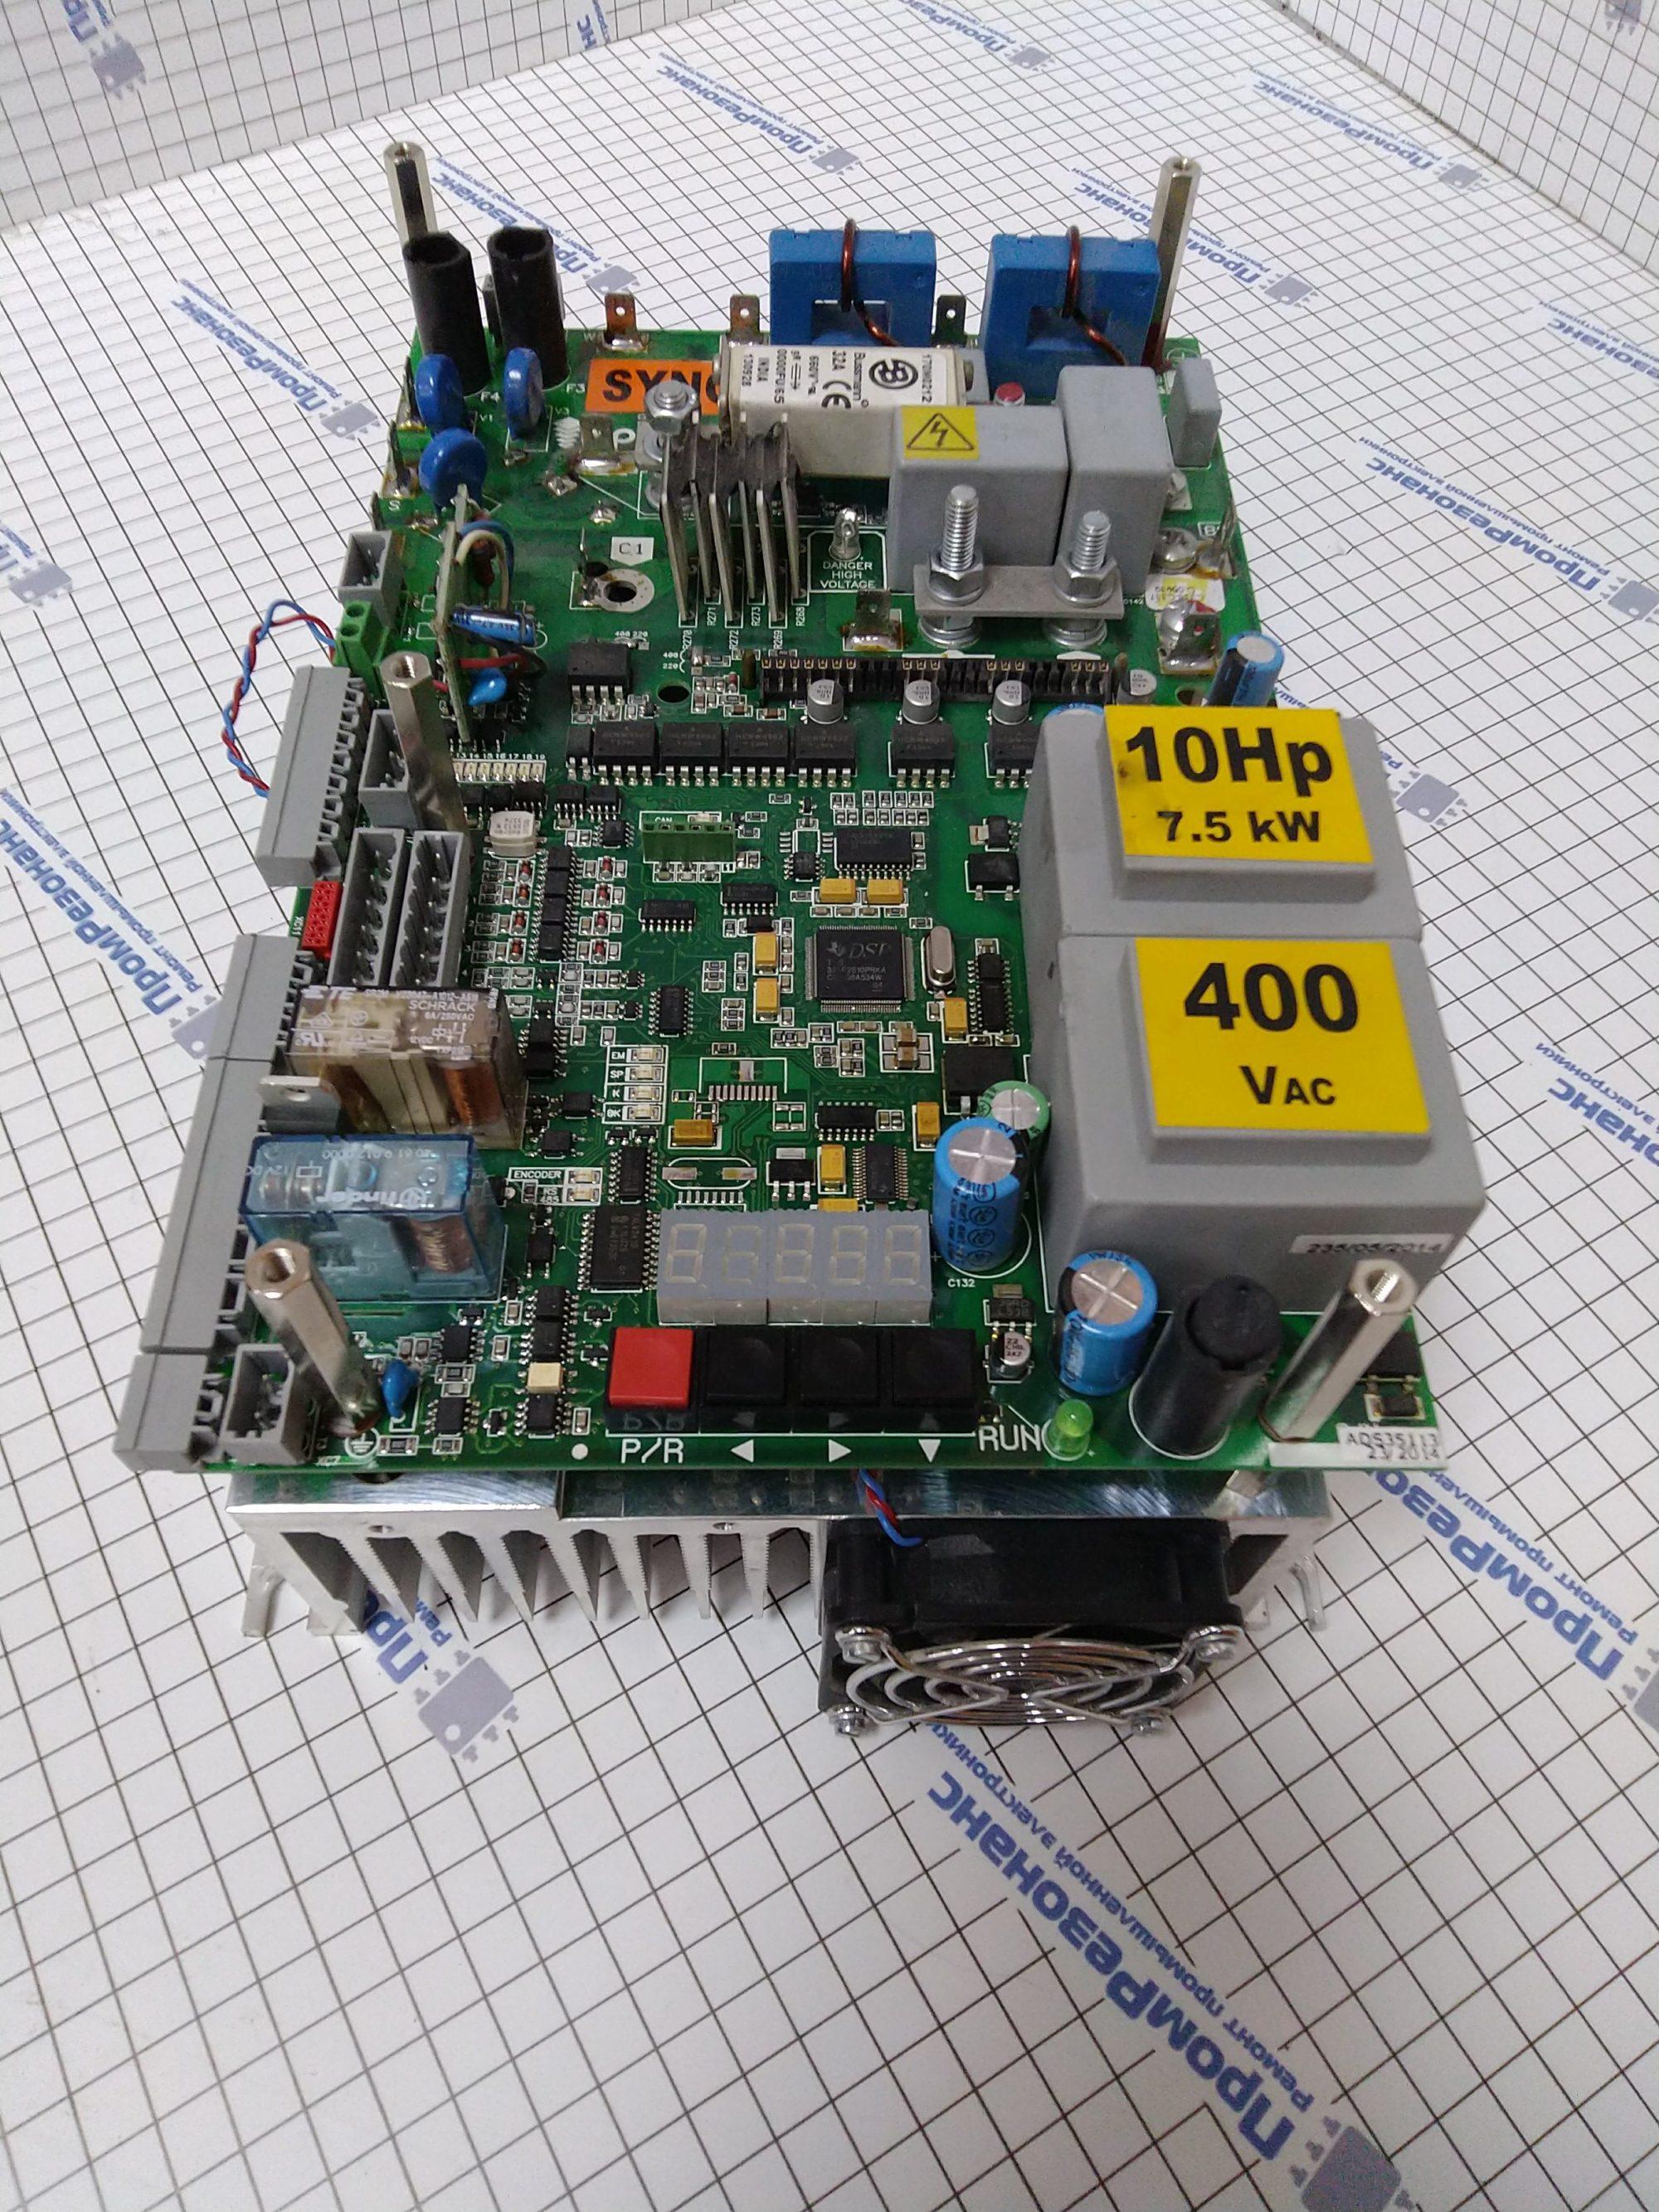 Частотный преобразователь MP Variаdor 10HP 400V Sincrono